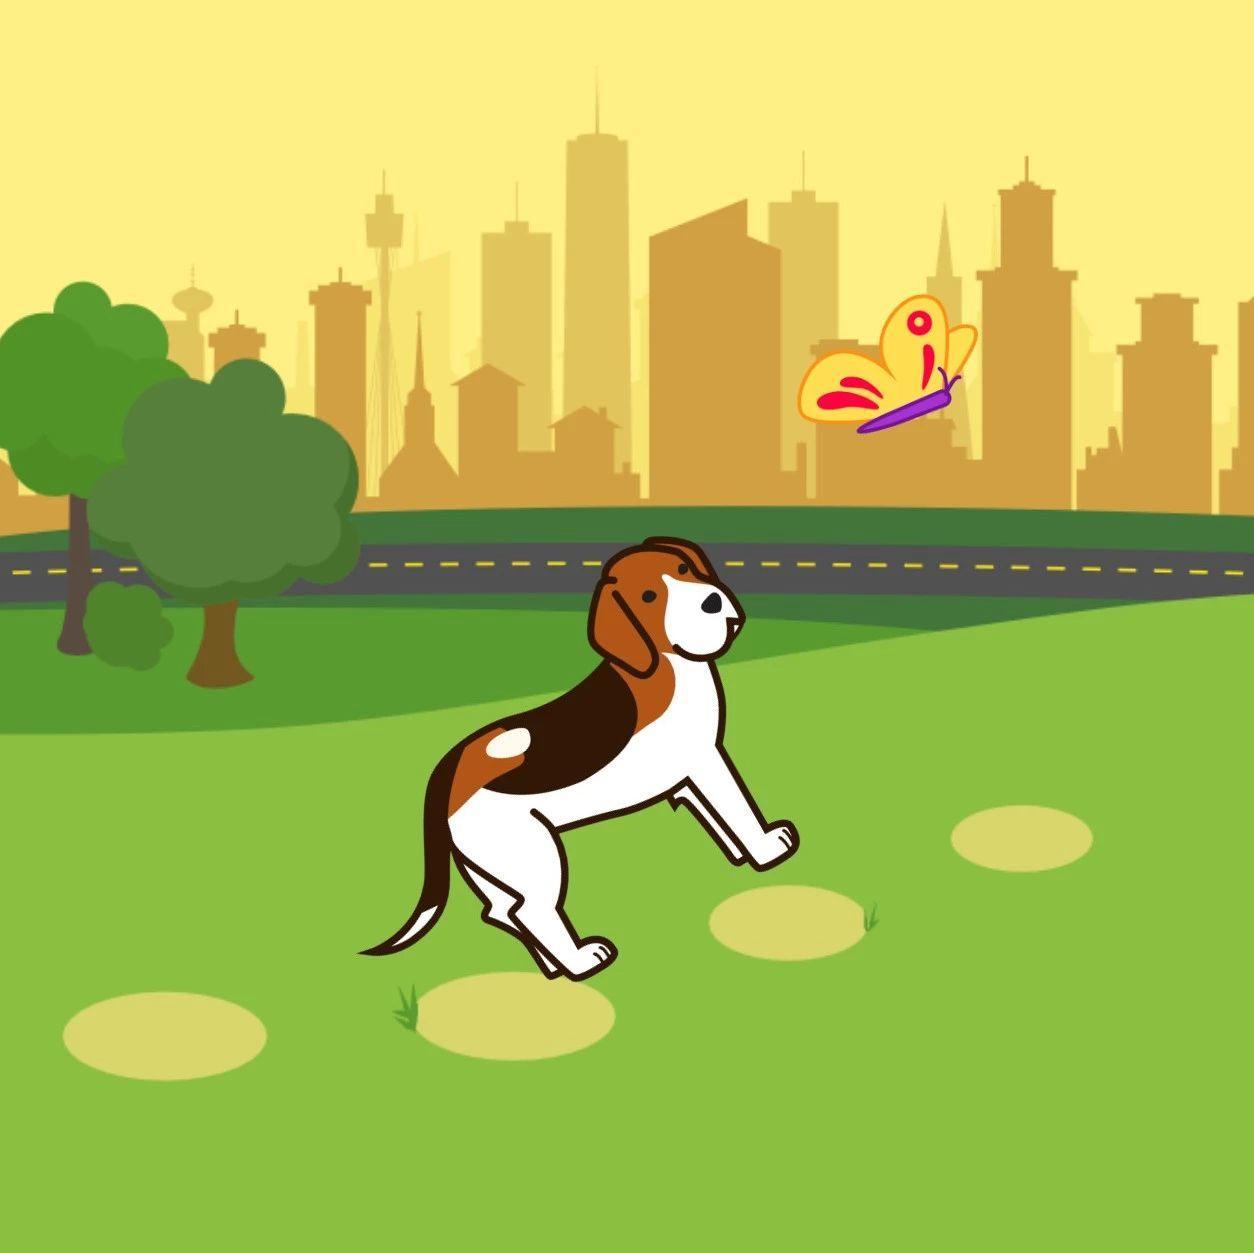 【哈哈!ScratchJr~】4小狗追蝴蝶